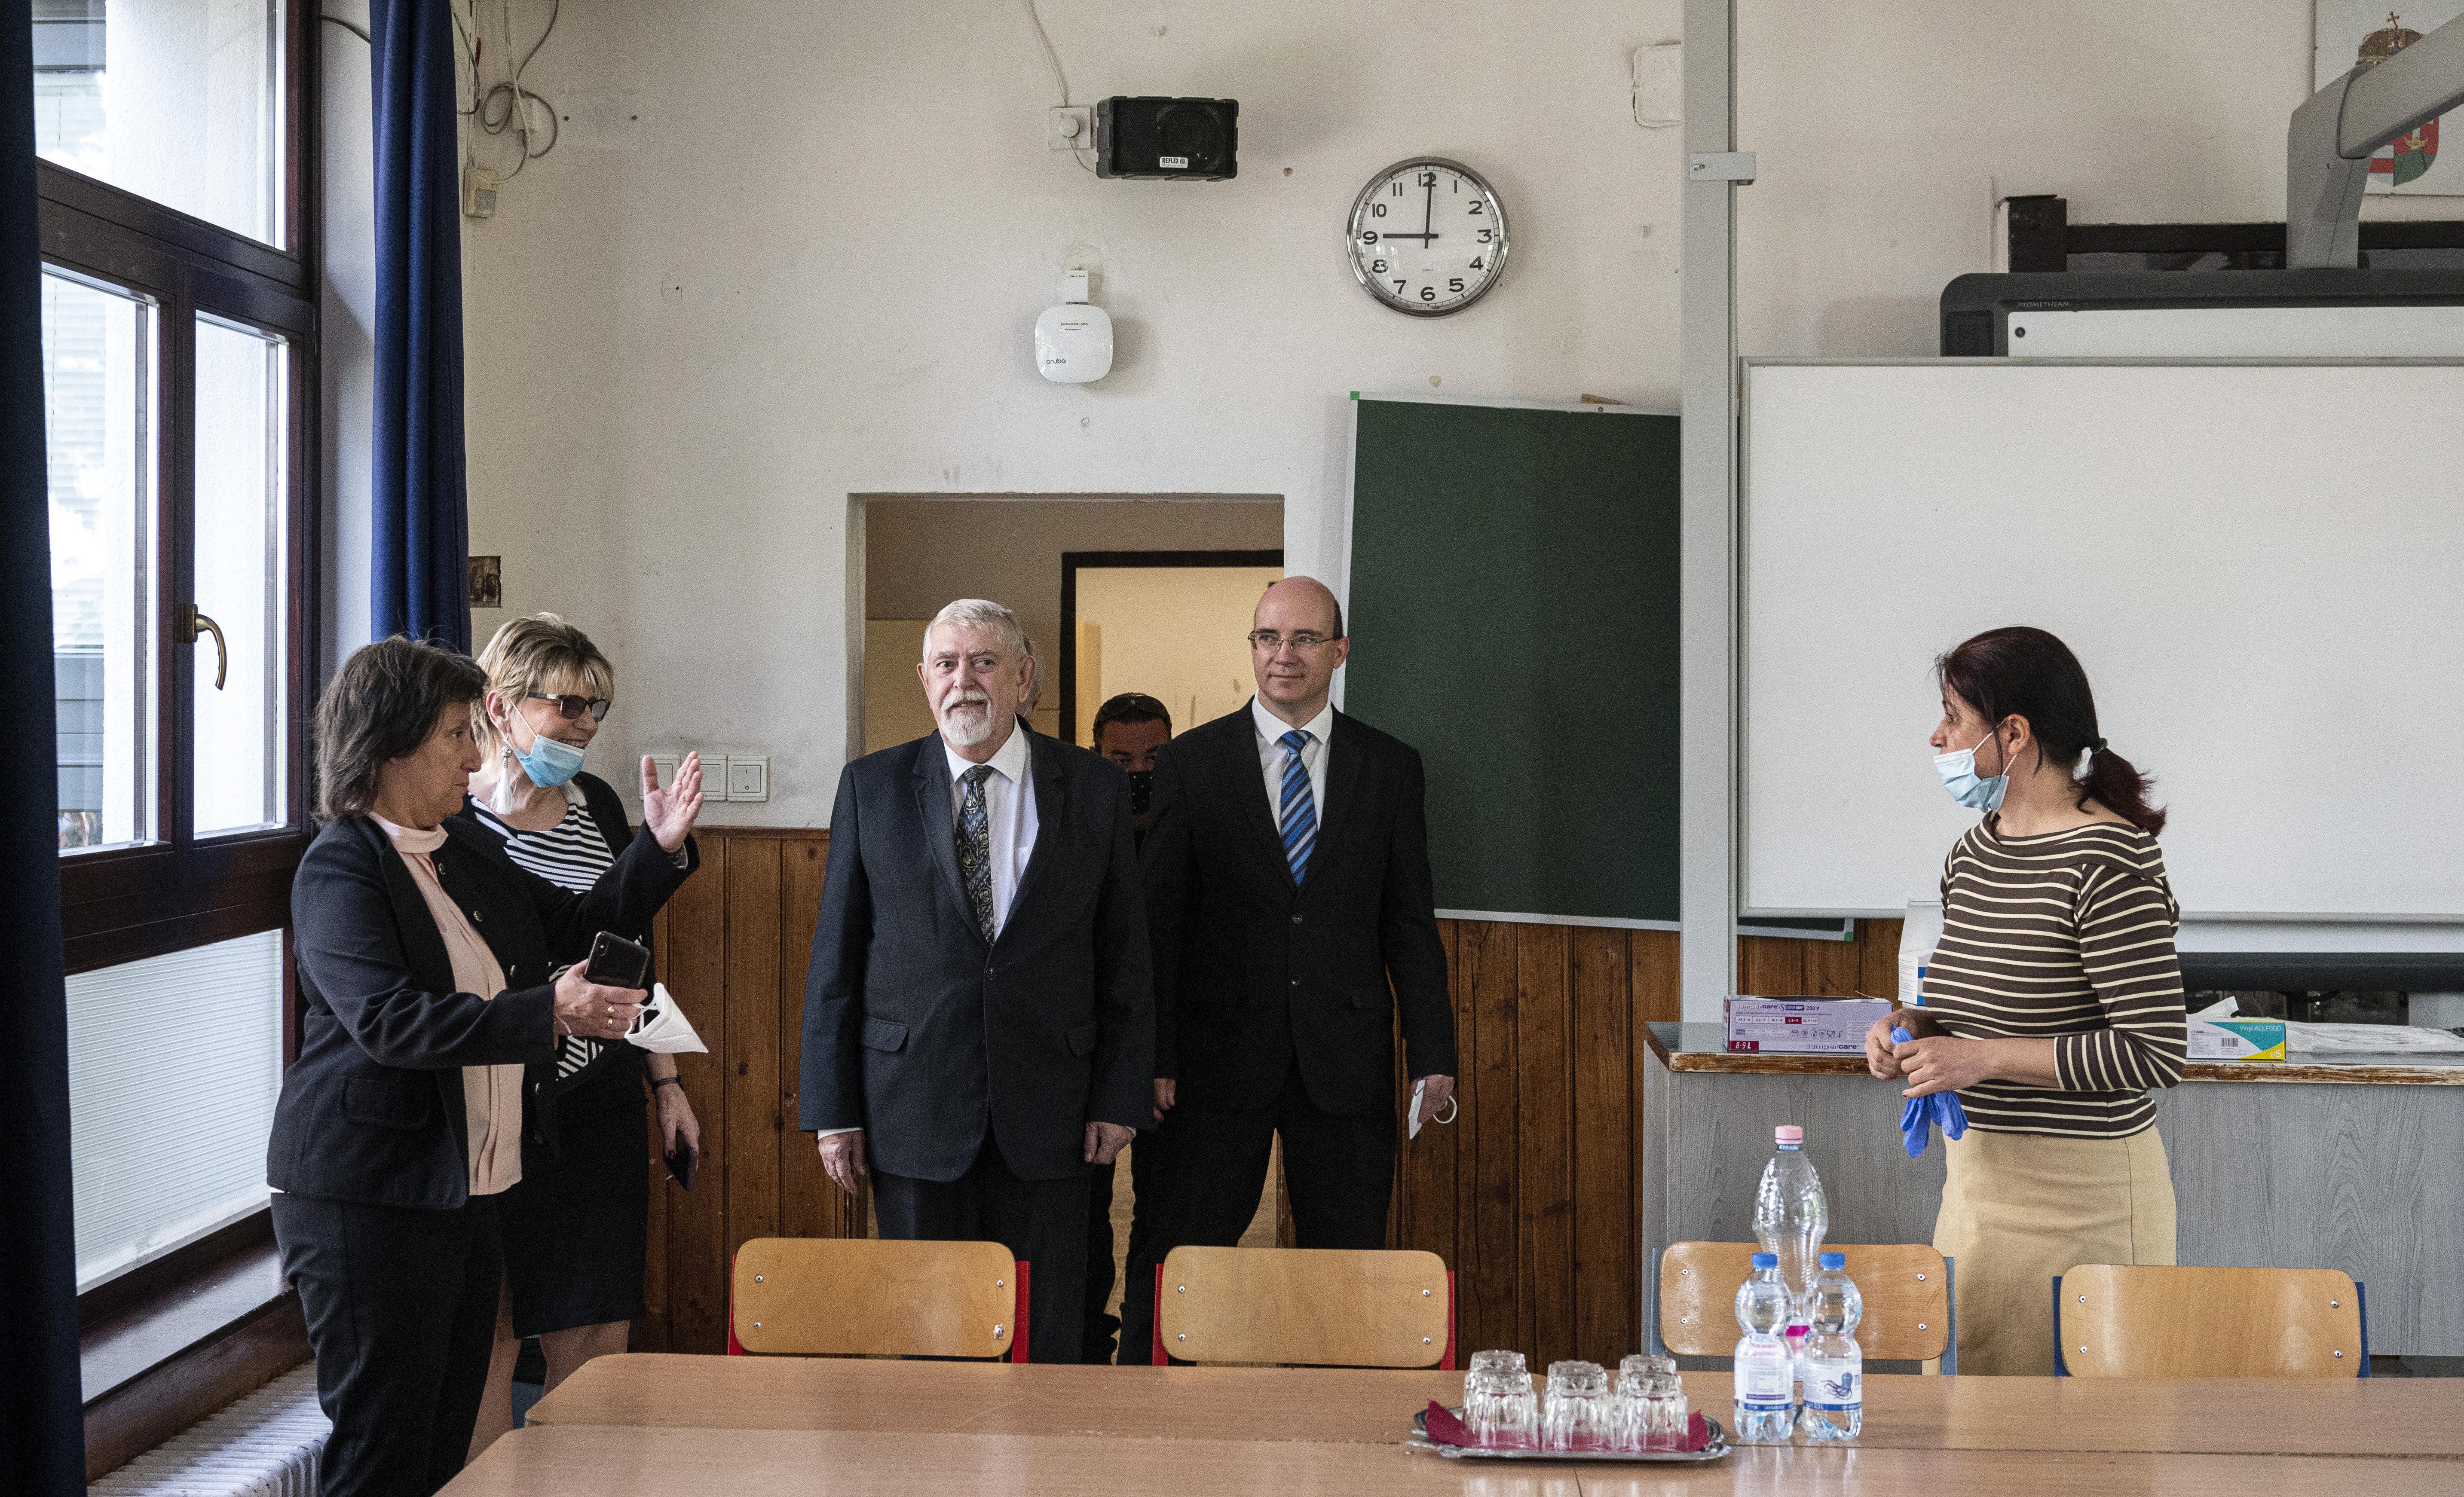 Klebelsberg Központ: álhír, hogy fejenként 1000 forintos jutalmat kaptak a pedagógusok, mert az intézmények 1000/fő pluszjuttatást kaptak